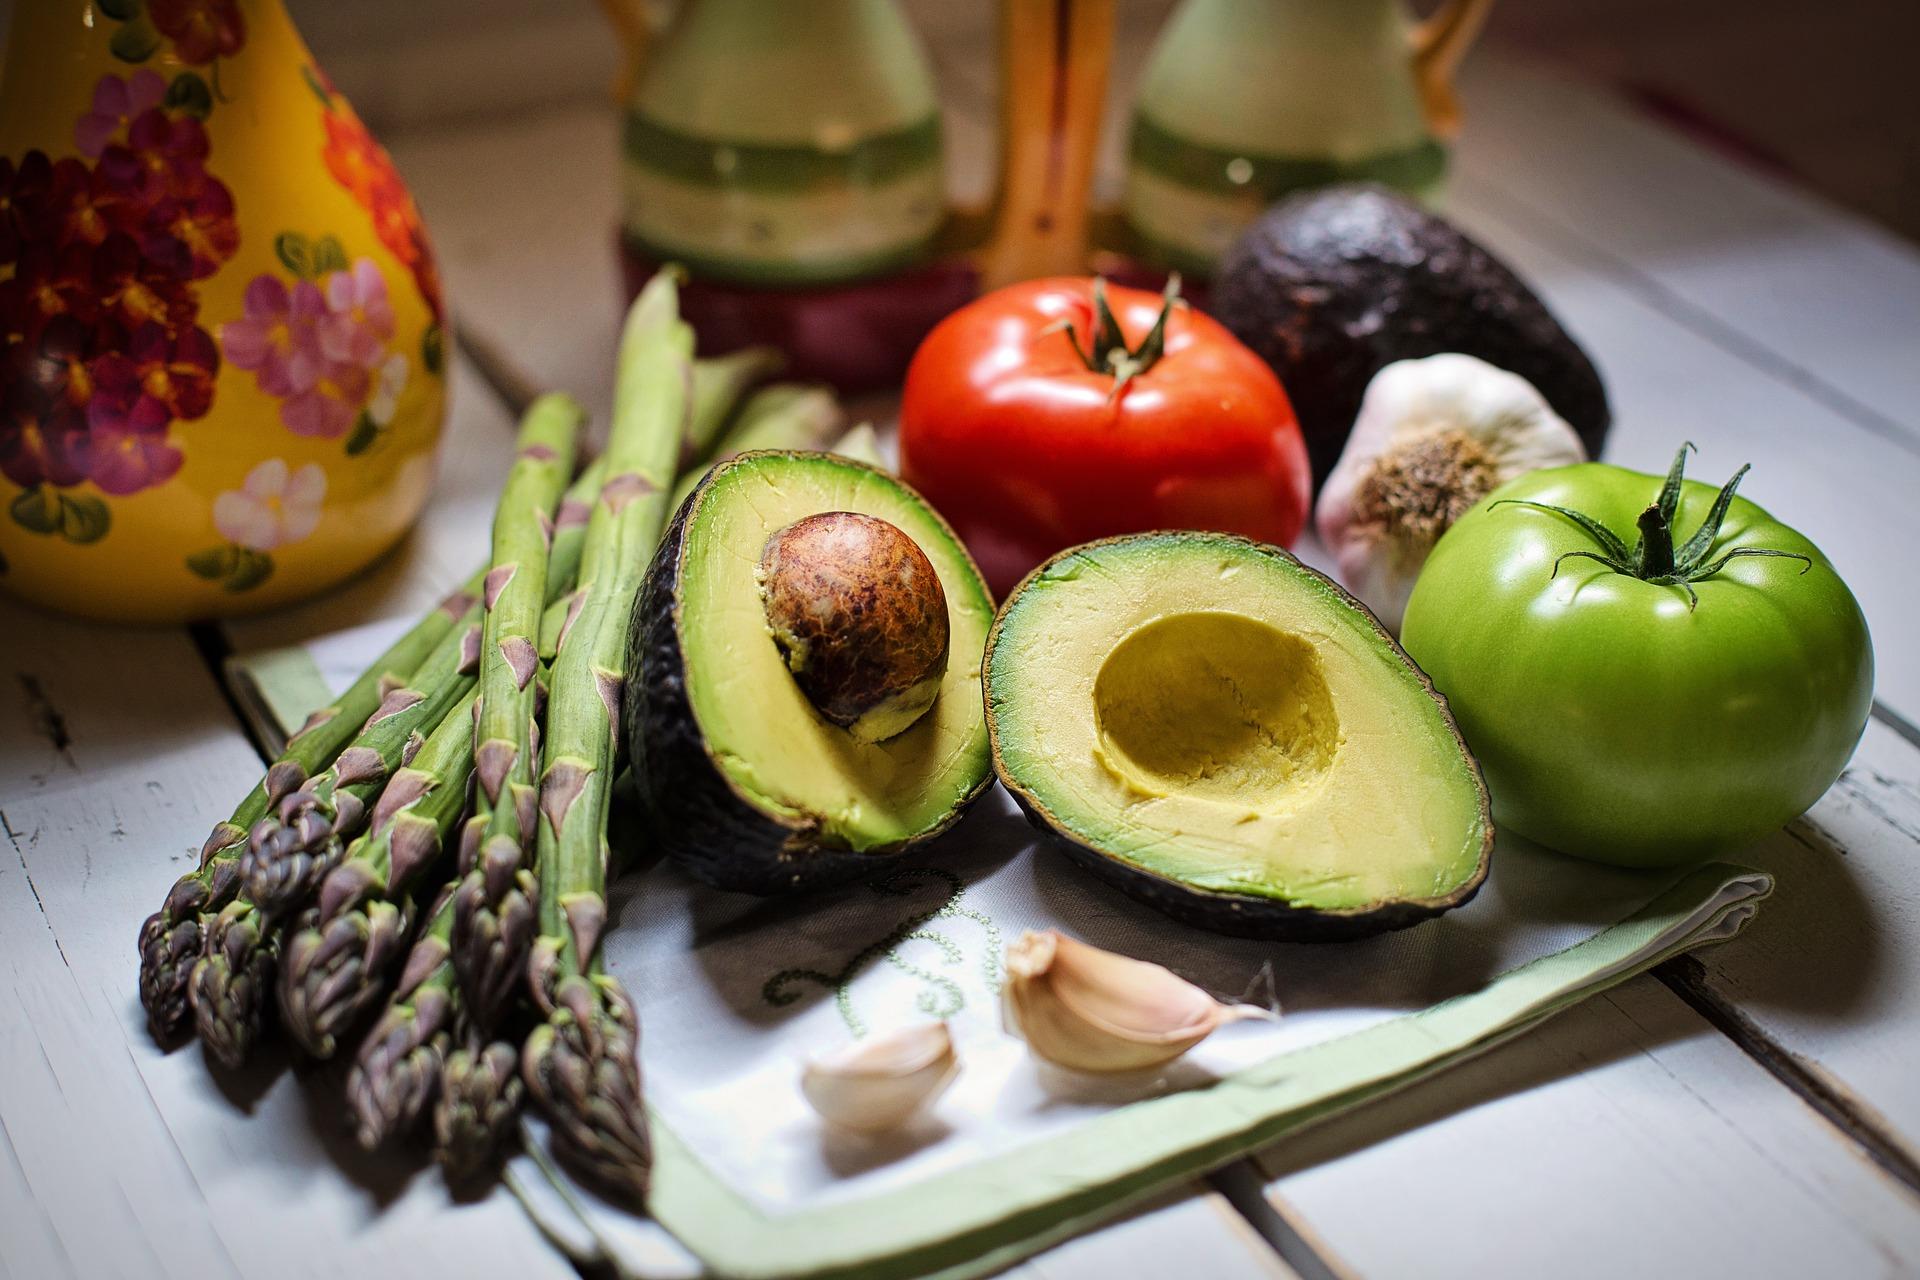 Dieta vegana: acompanhamento médico é fundamental